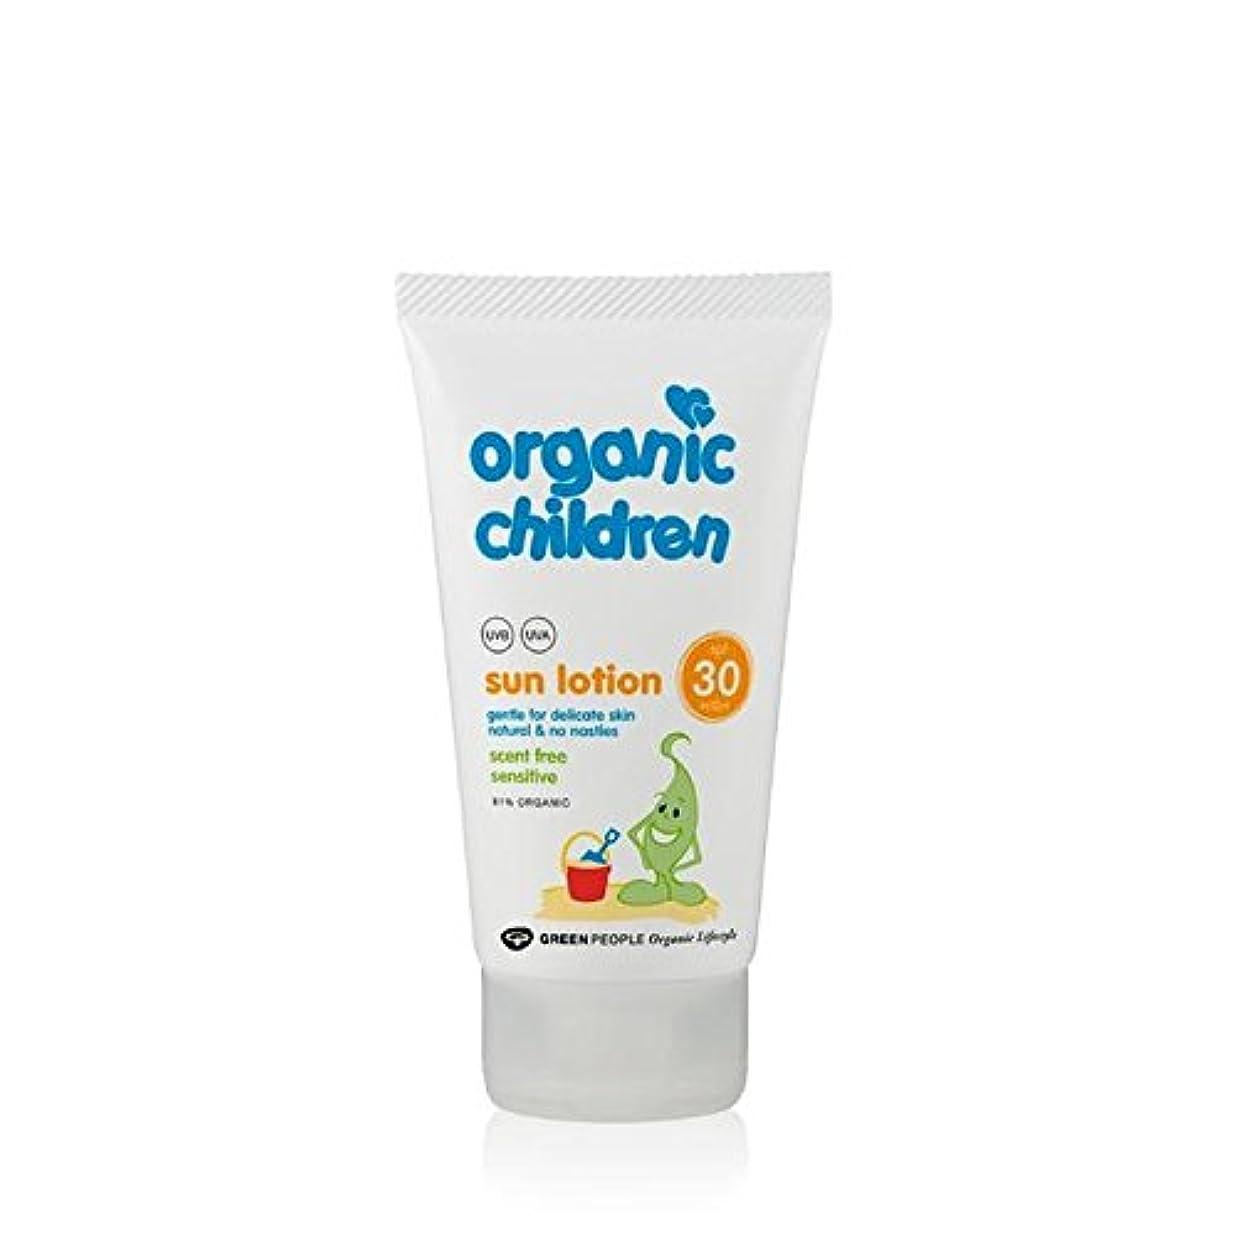 混乱した線脆い有機子ども30の香り無料のサンローション150 x2 - Organic Children SPF30 Scent Free Sun Lotion 150ml (Pack of 2) [並行輸入品]